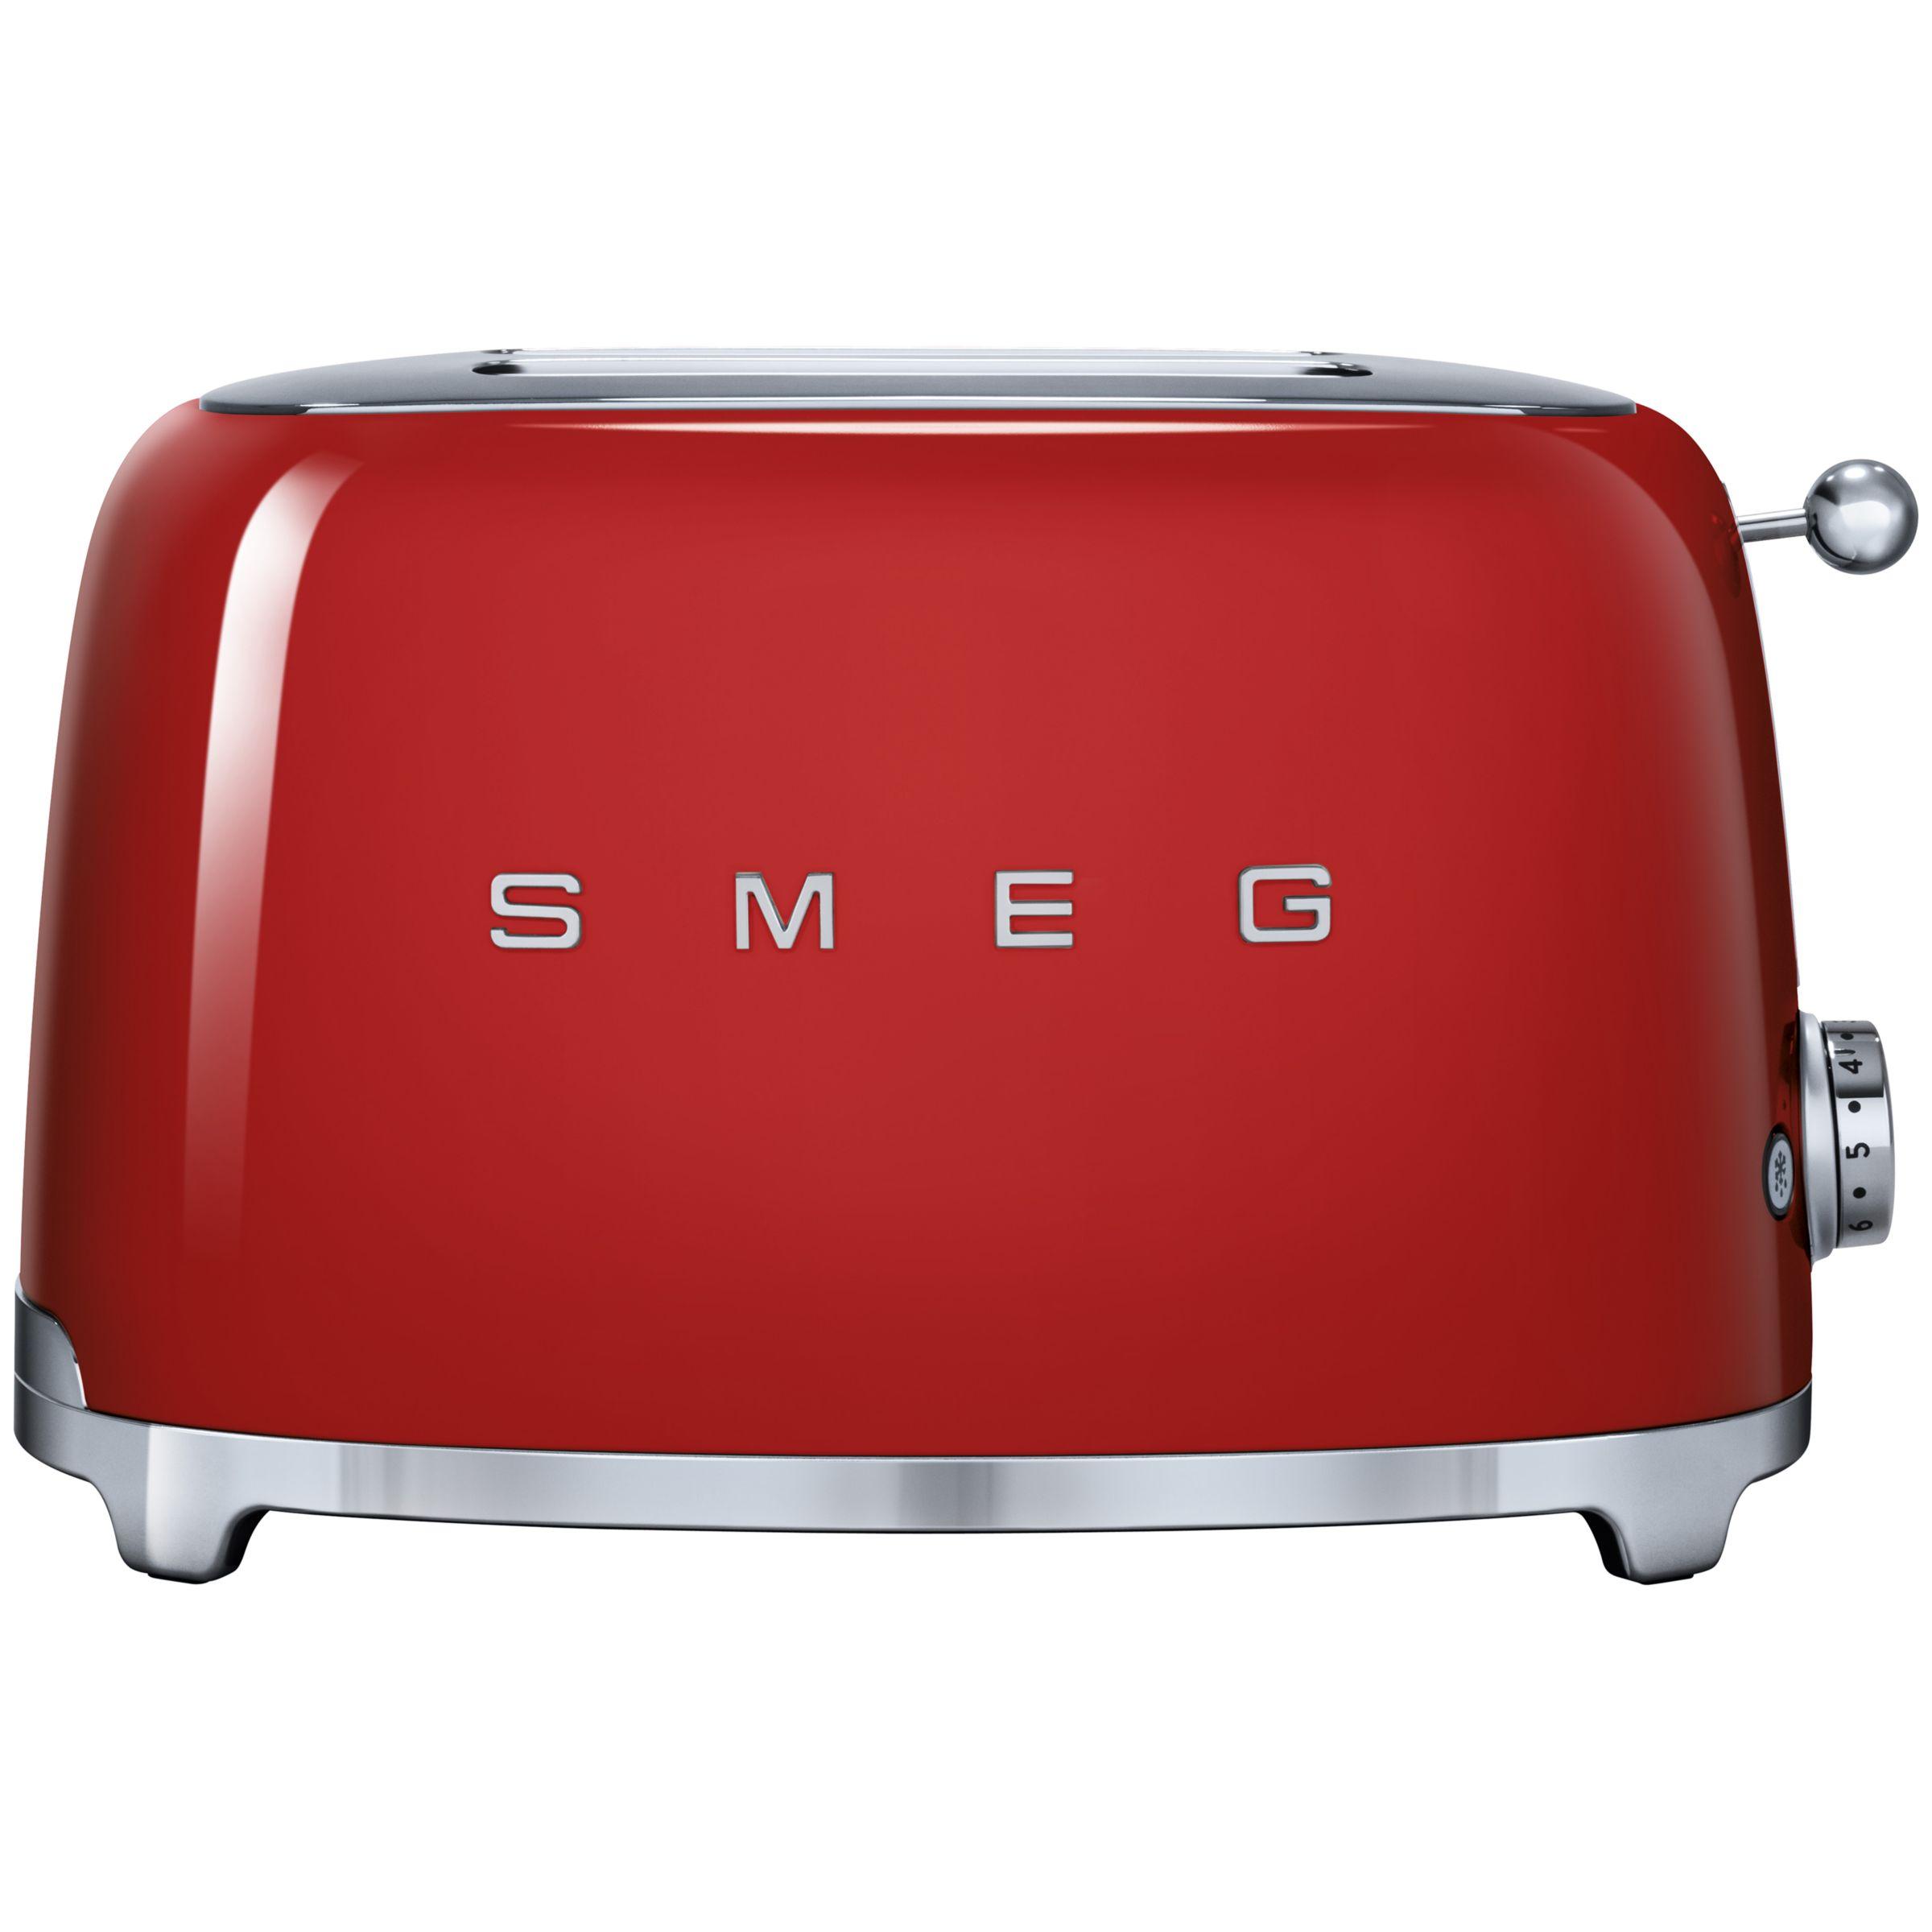 Smeg TSF01 2 Slice Toaster at John